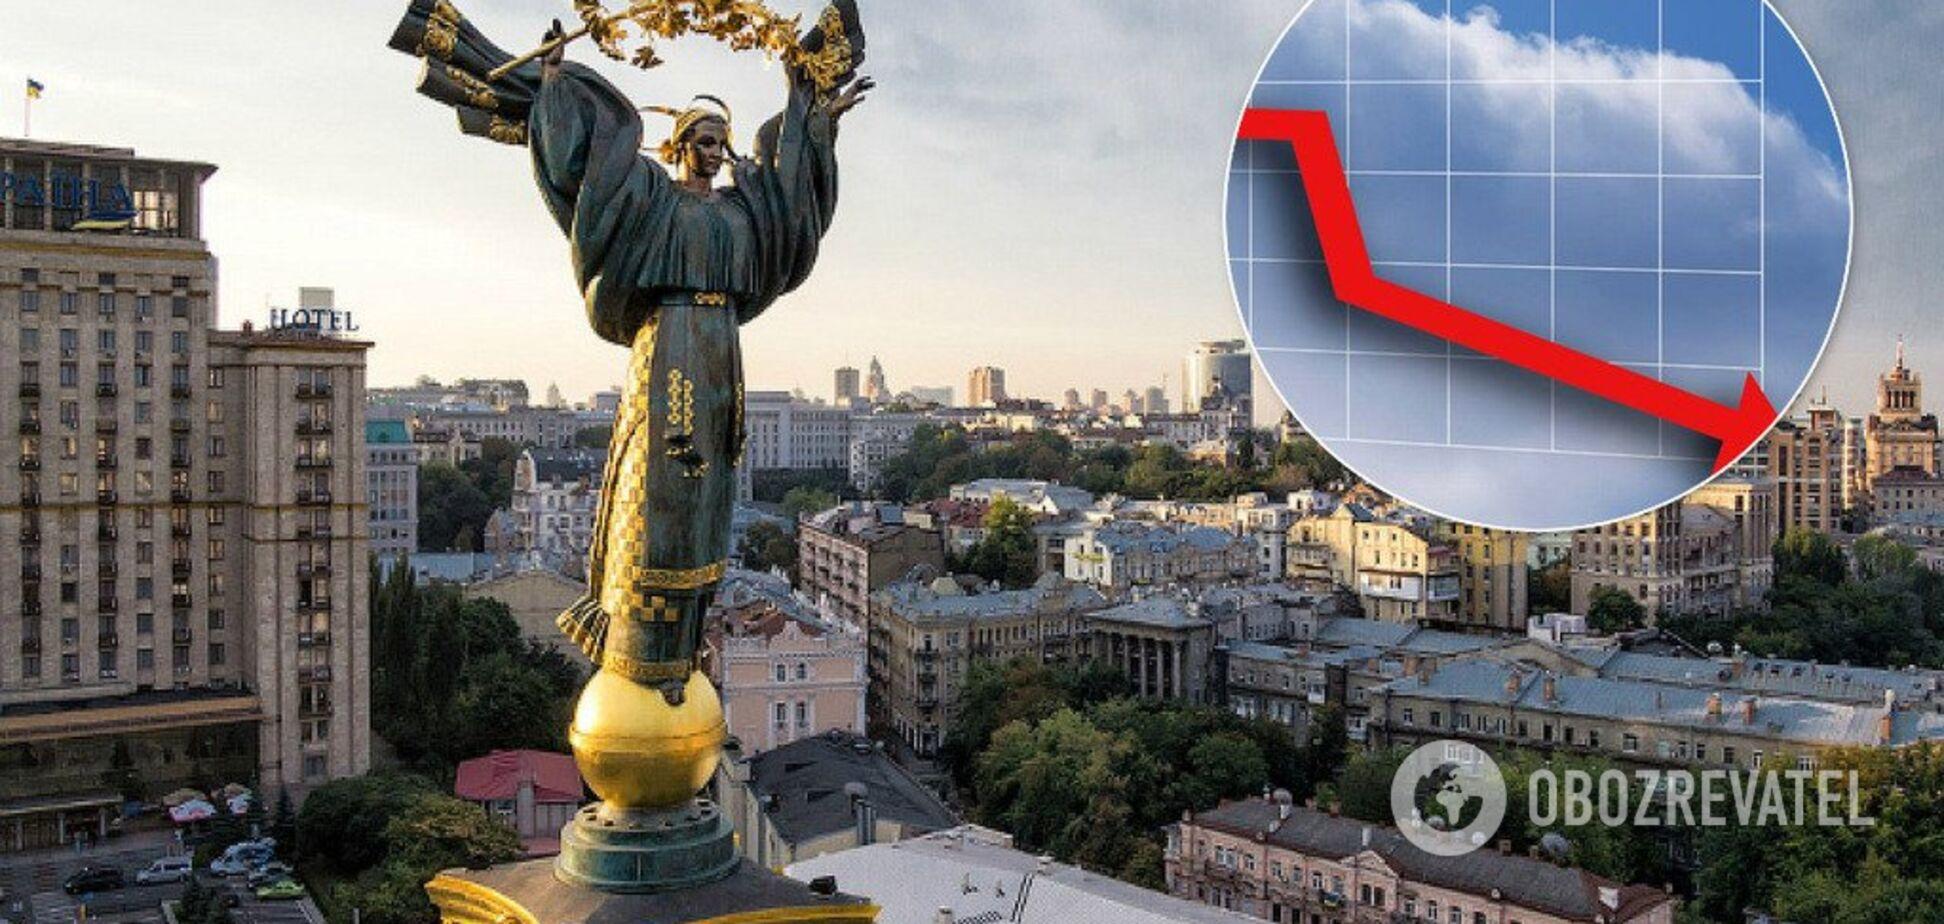 Таможня провалила план, но попыталась это скрыть: что произошло с бюджетом Украины